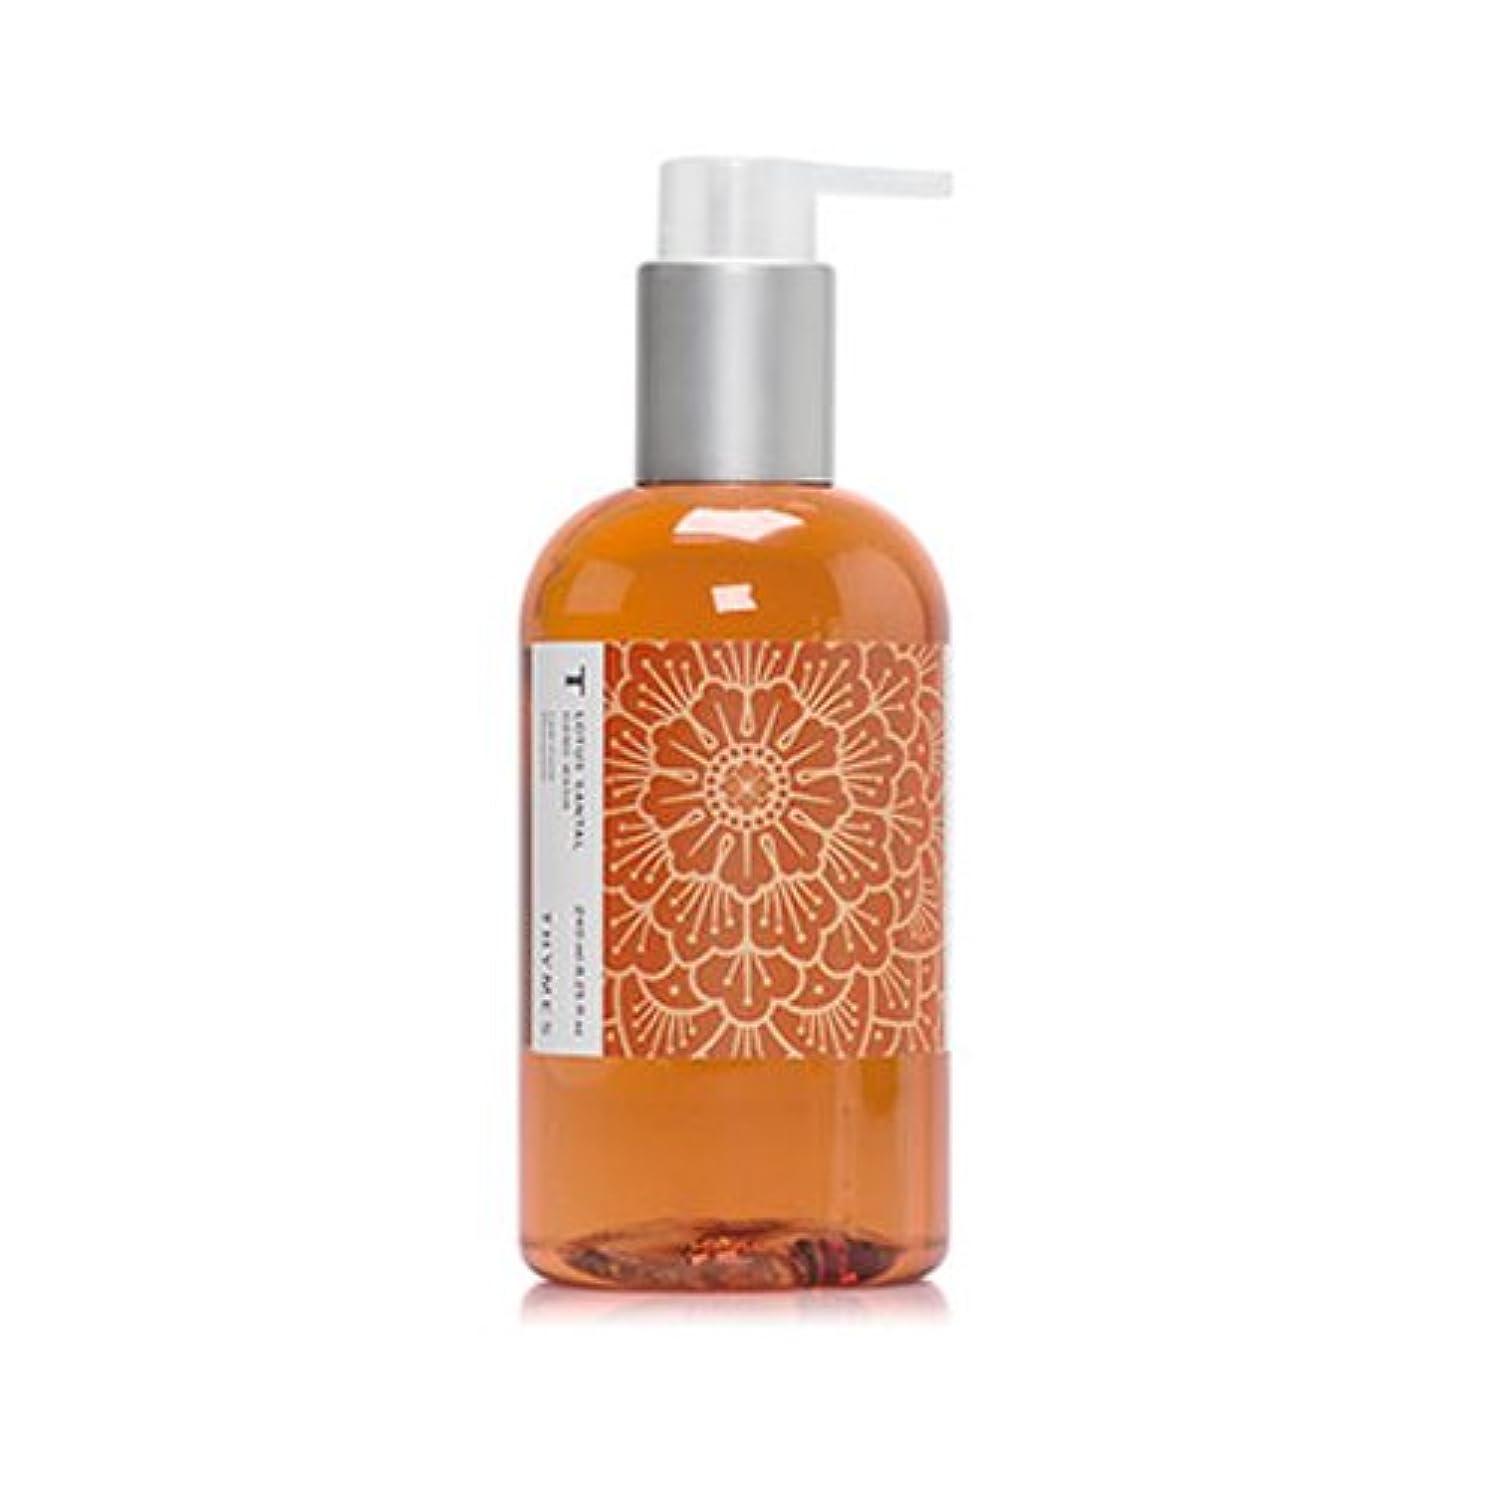 不忠以来月曜THYMES タイムズ ハンドウォッシュ 240ml ロータスサンタル Hand Wash 8.25 fl oz Lotus Santal [並行輸入品]